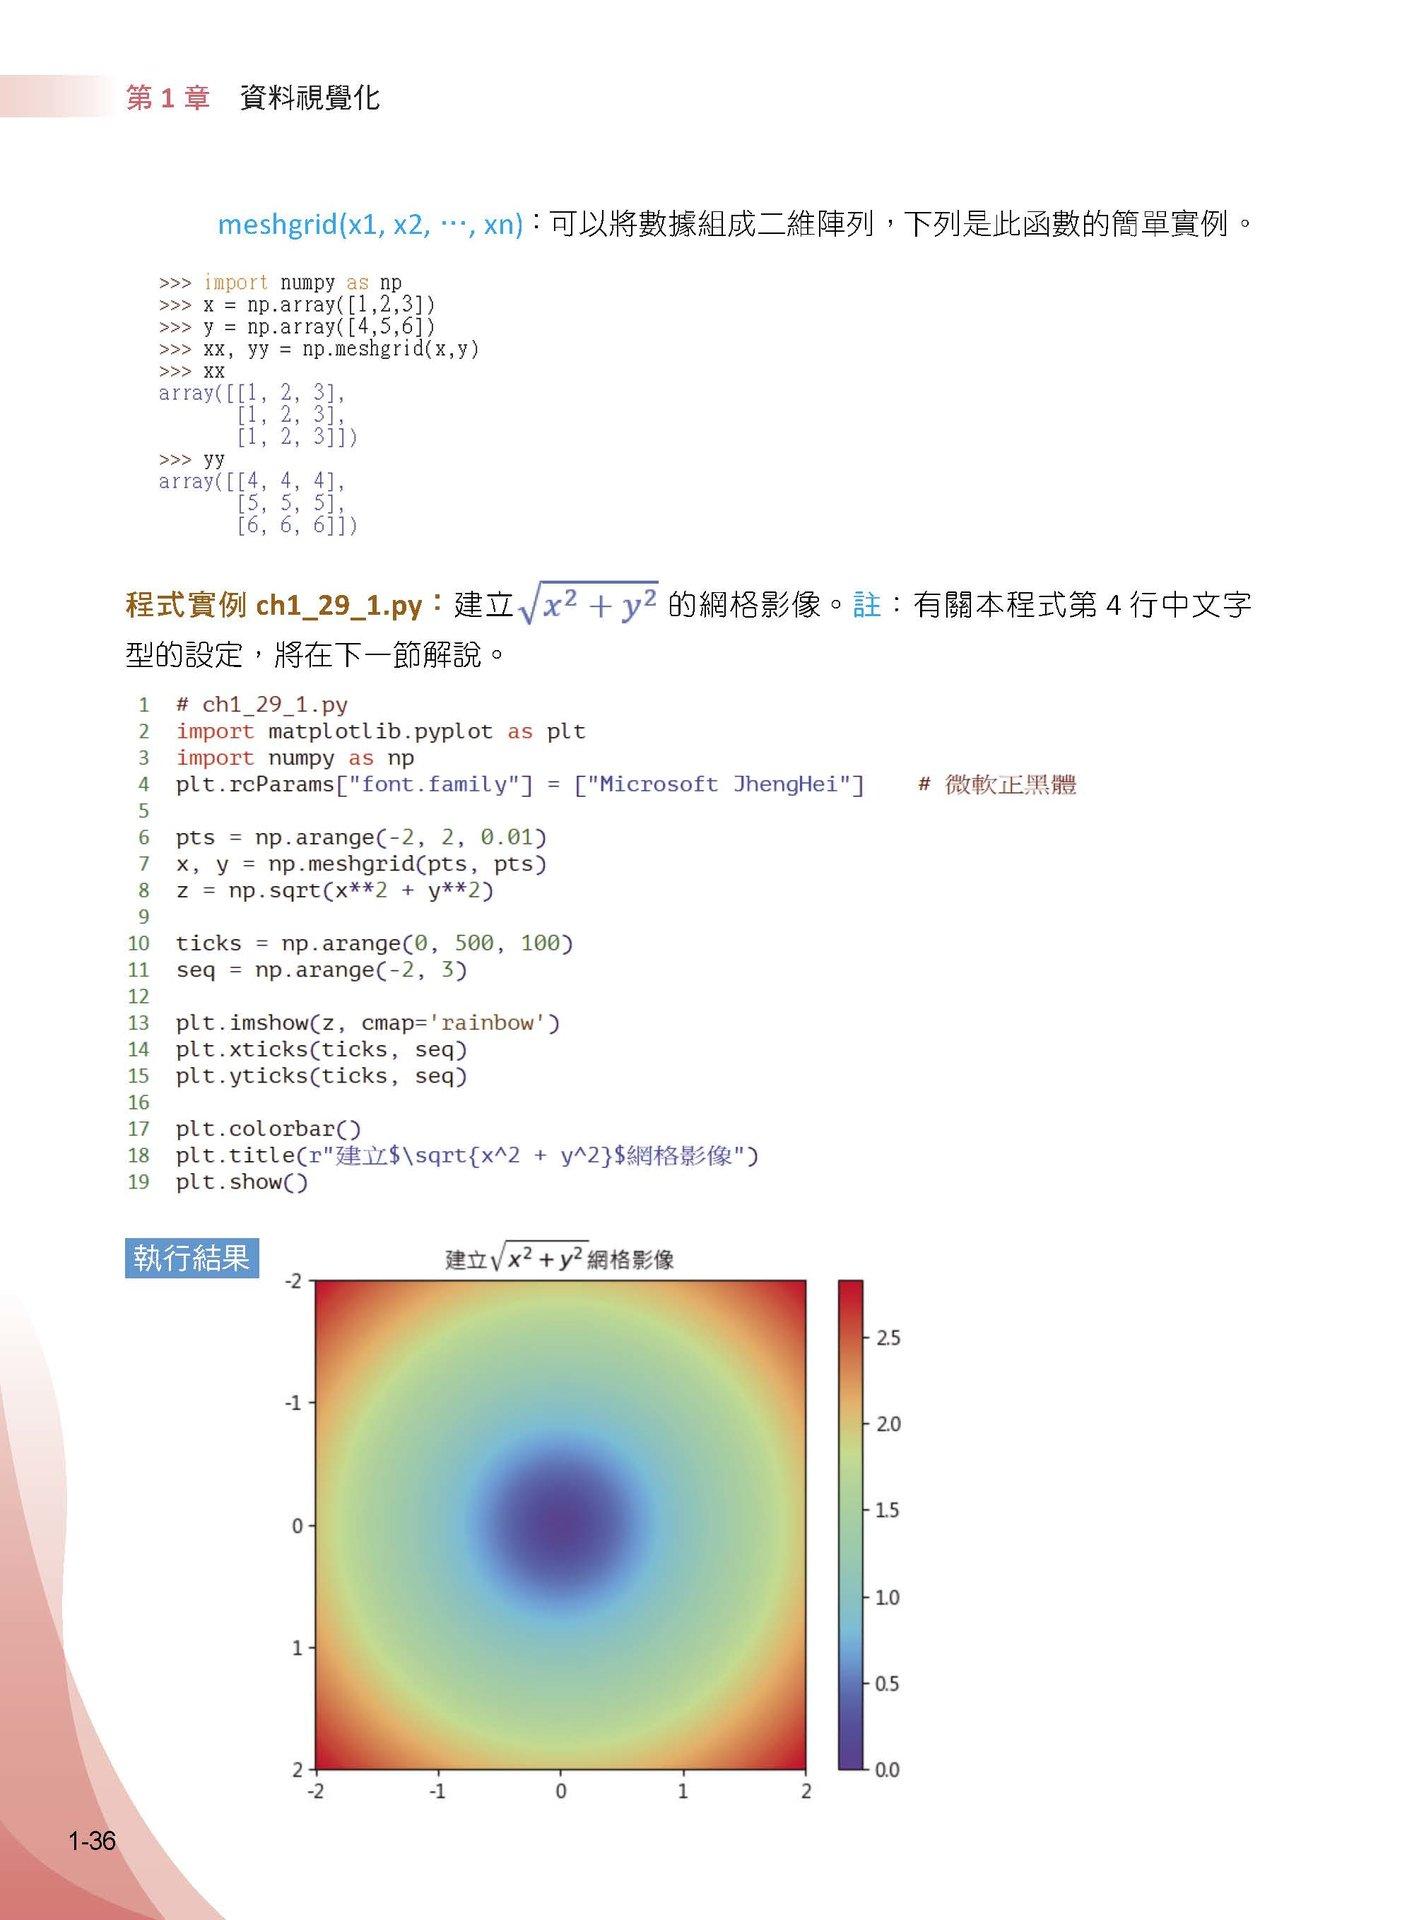 機器學習:彩色圖解 + 基礎數學篇 + Python 實作 -- 王者歸來, 2/e-preview-1